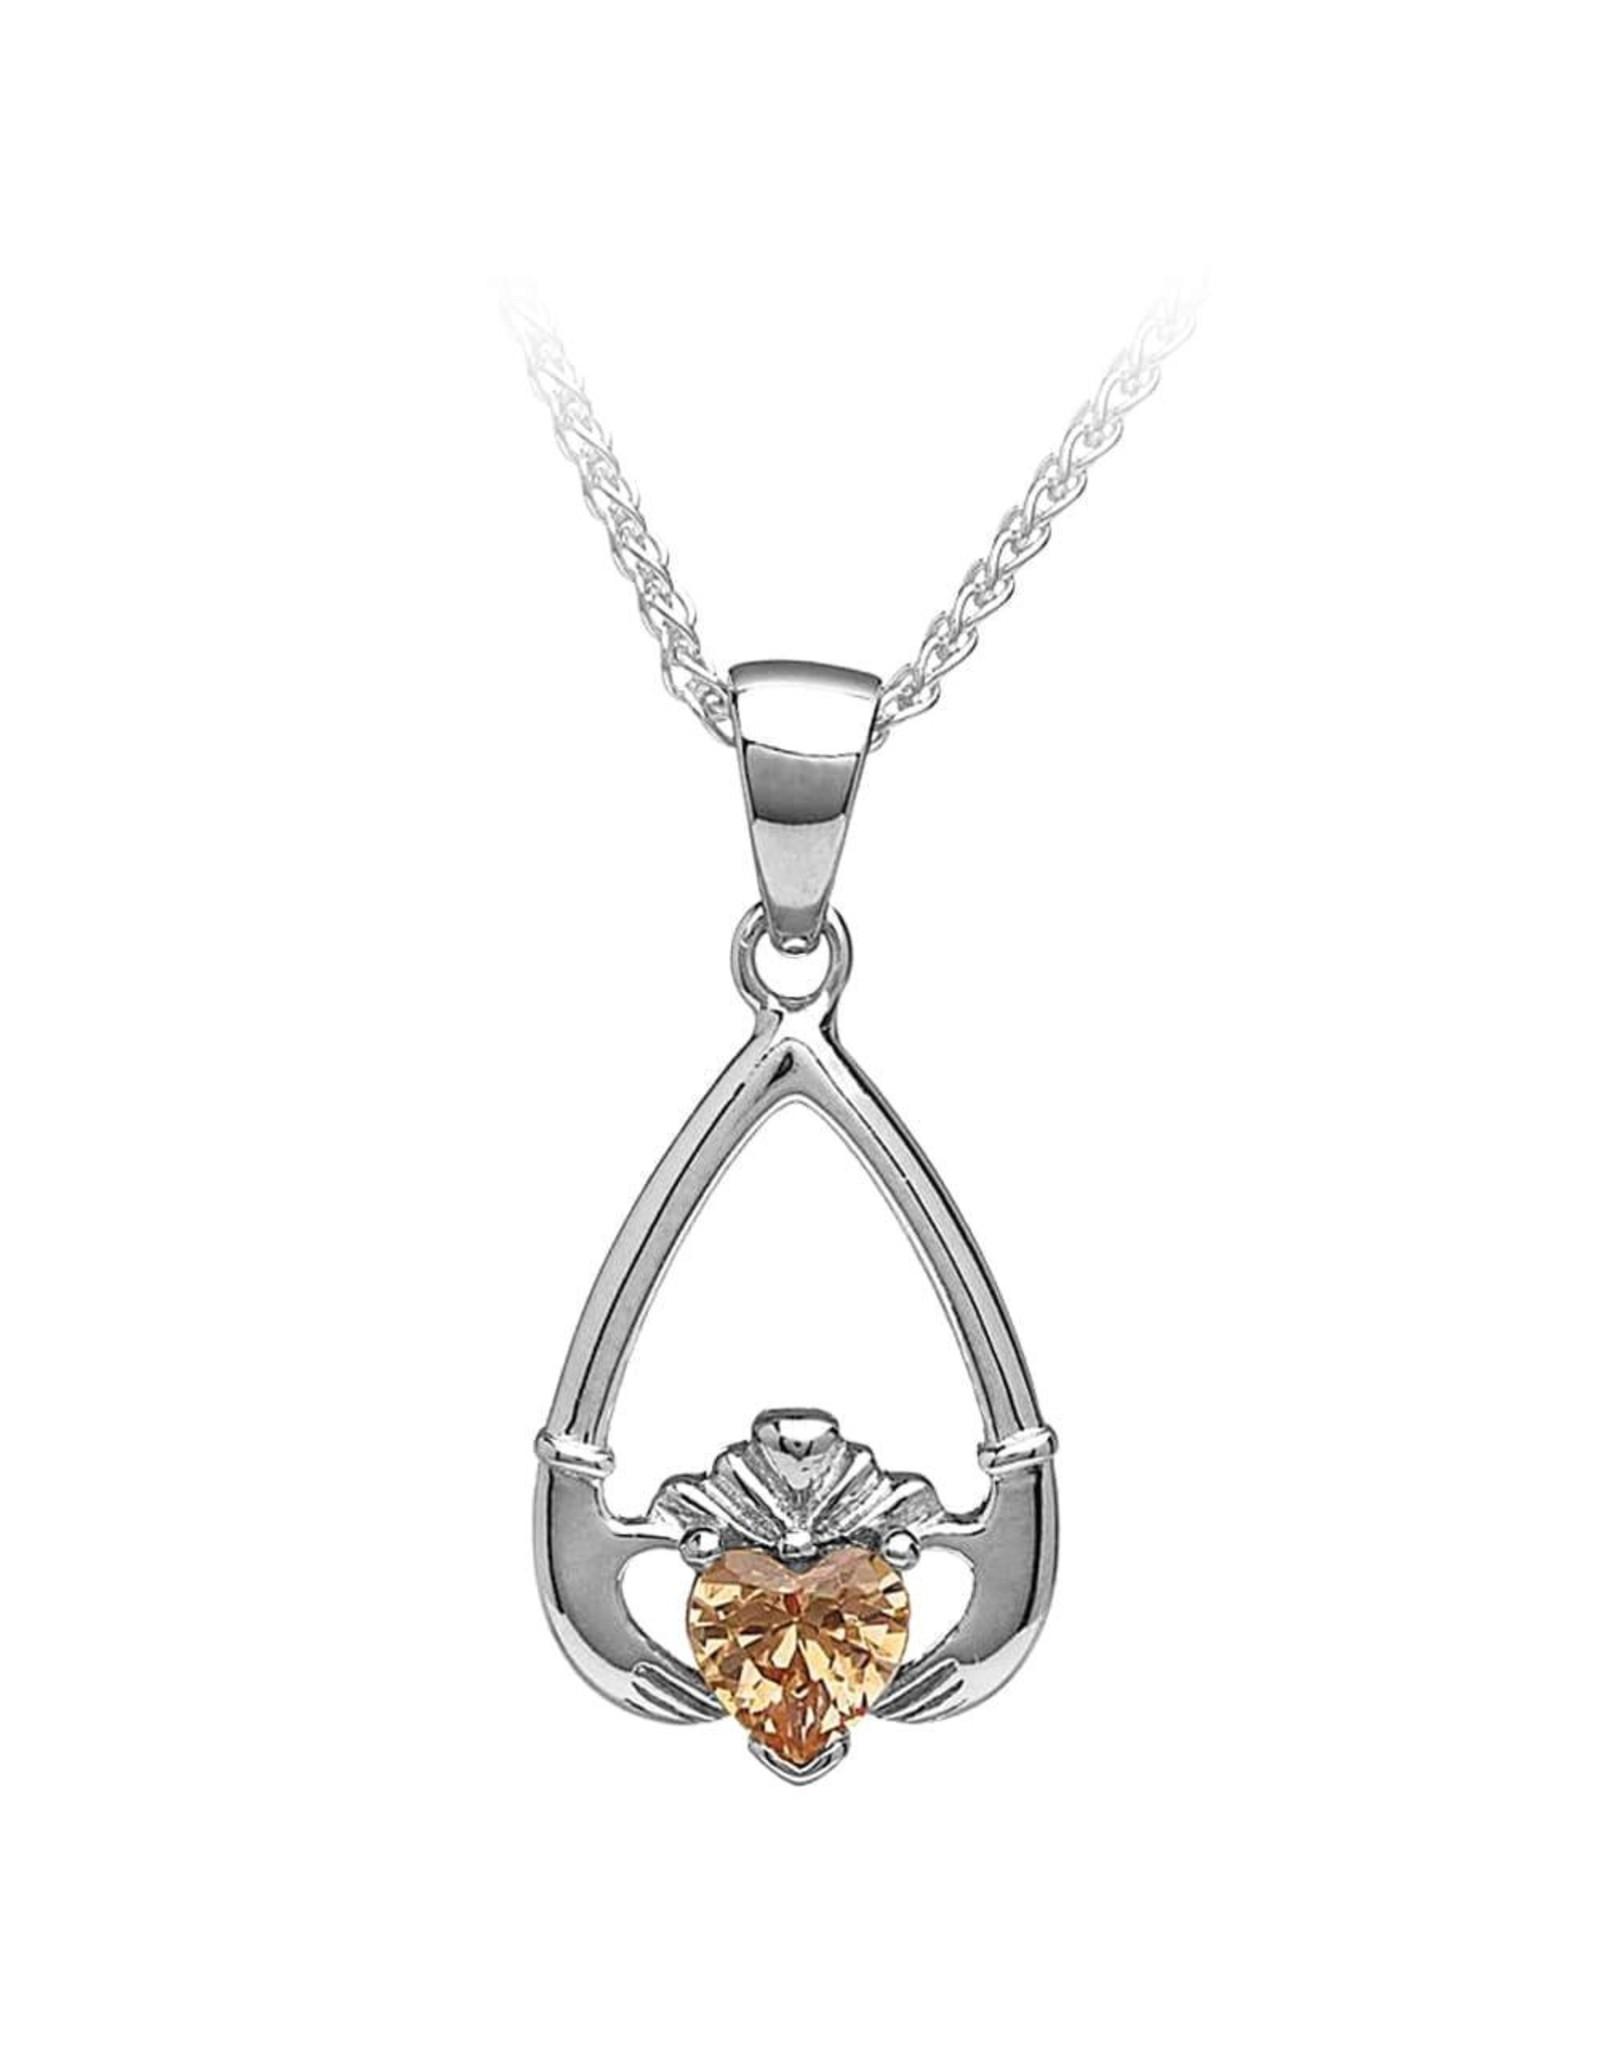 Boru Jewelry Birthstone Claddagh Pendant in Each Month